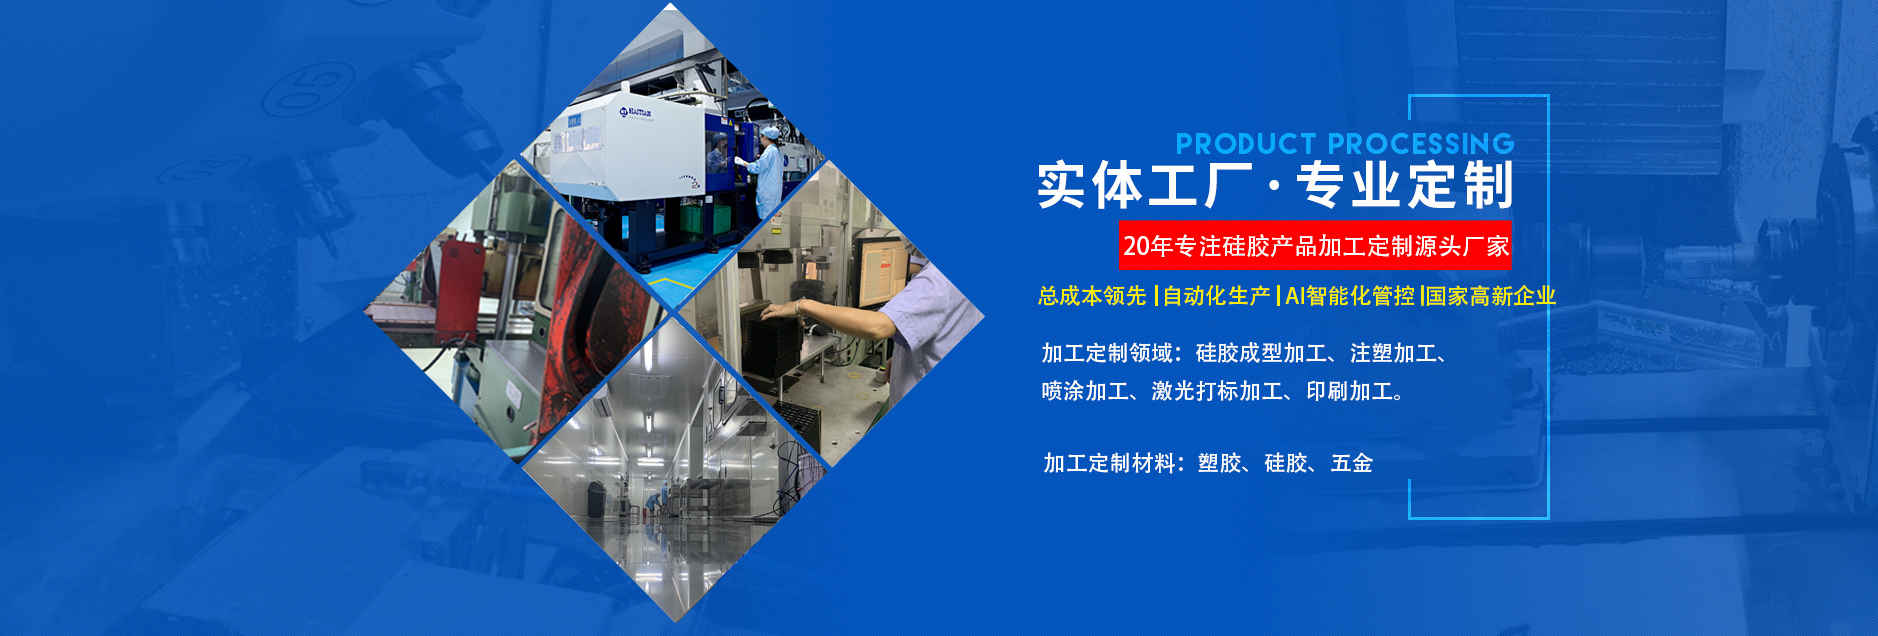 深圳根源-精材 ,精工,精品质,定制专属你的按键